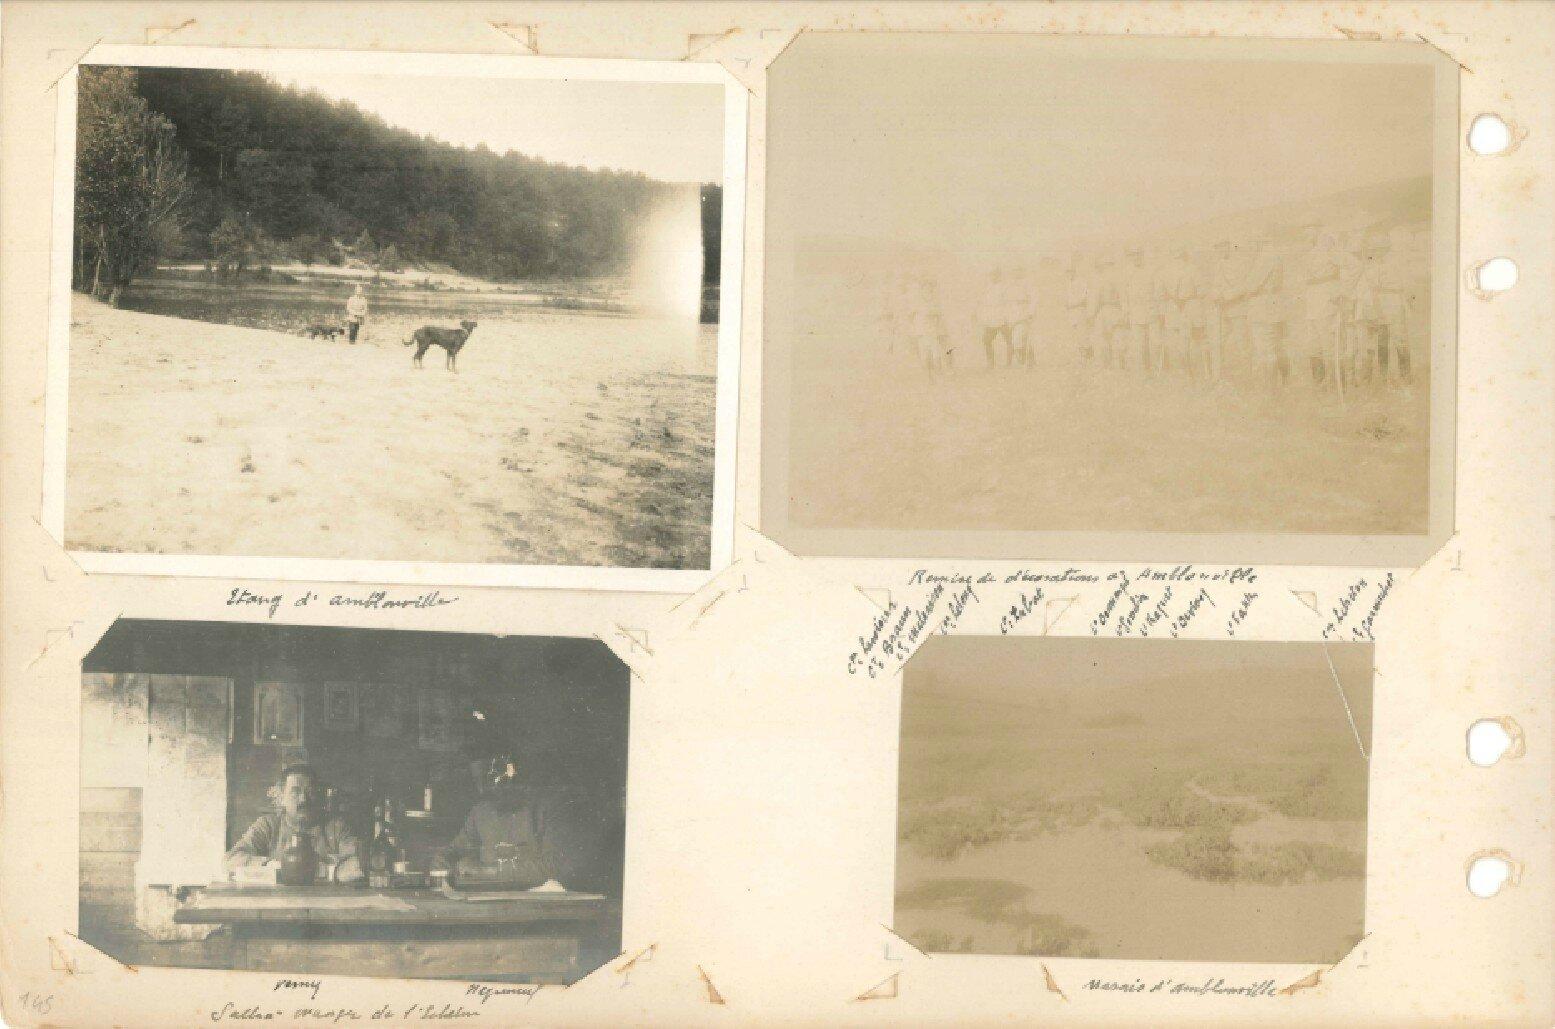 p.145 - Les Eparges (22 juin 1916 – 27 mars 1917)